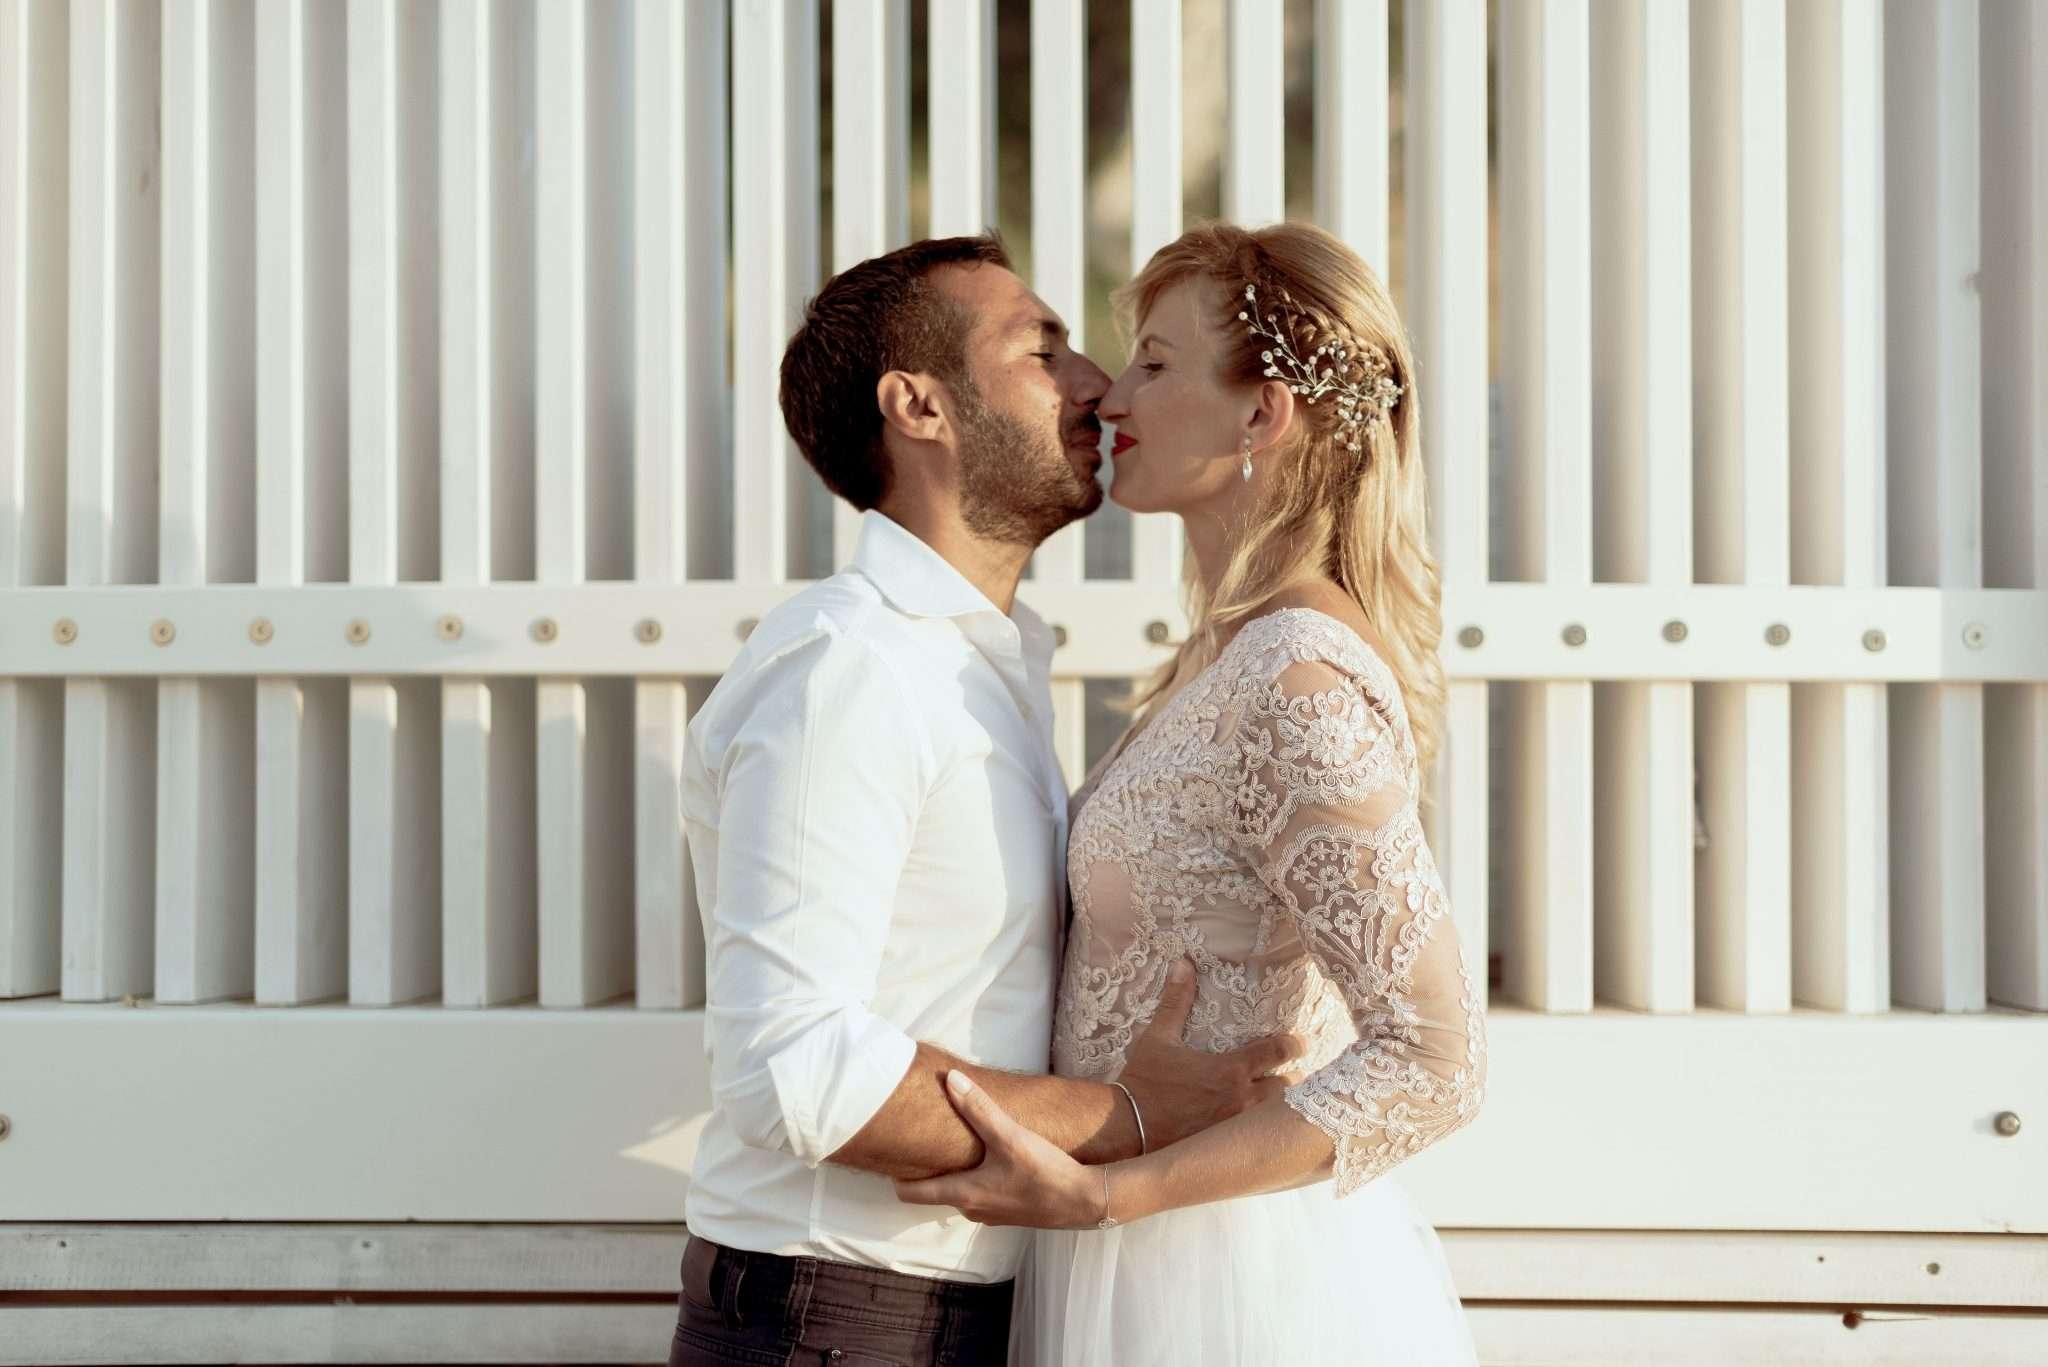 Fotografia matrimonio a Napoli - wedding reportage realizzata da Barbara Trincone fotografa con studio a Pozzuoli - Napoli